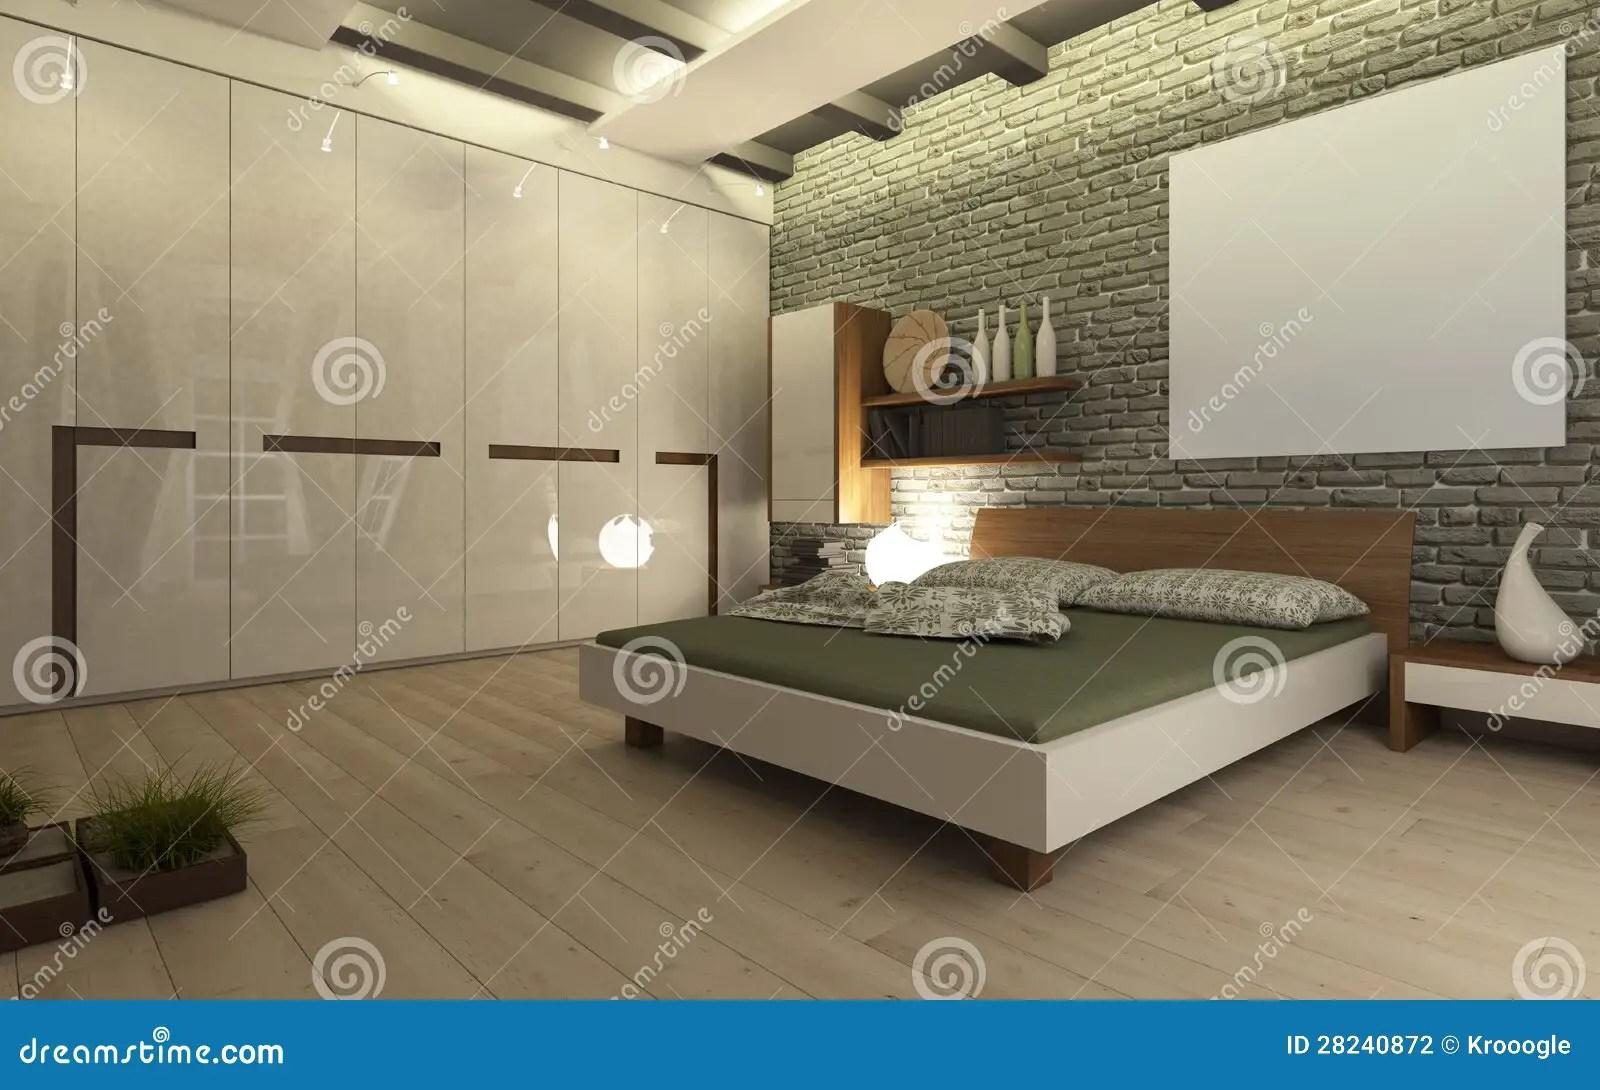 Slaapkamer Met Bakstenen Muur Stock Illustratie